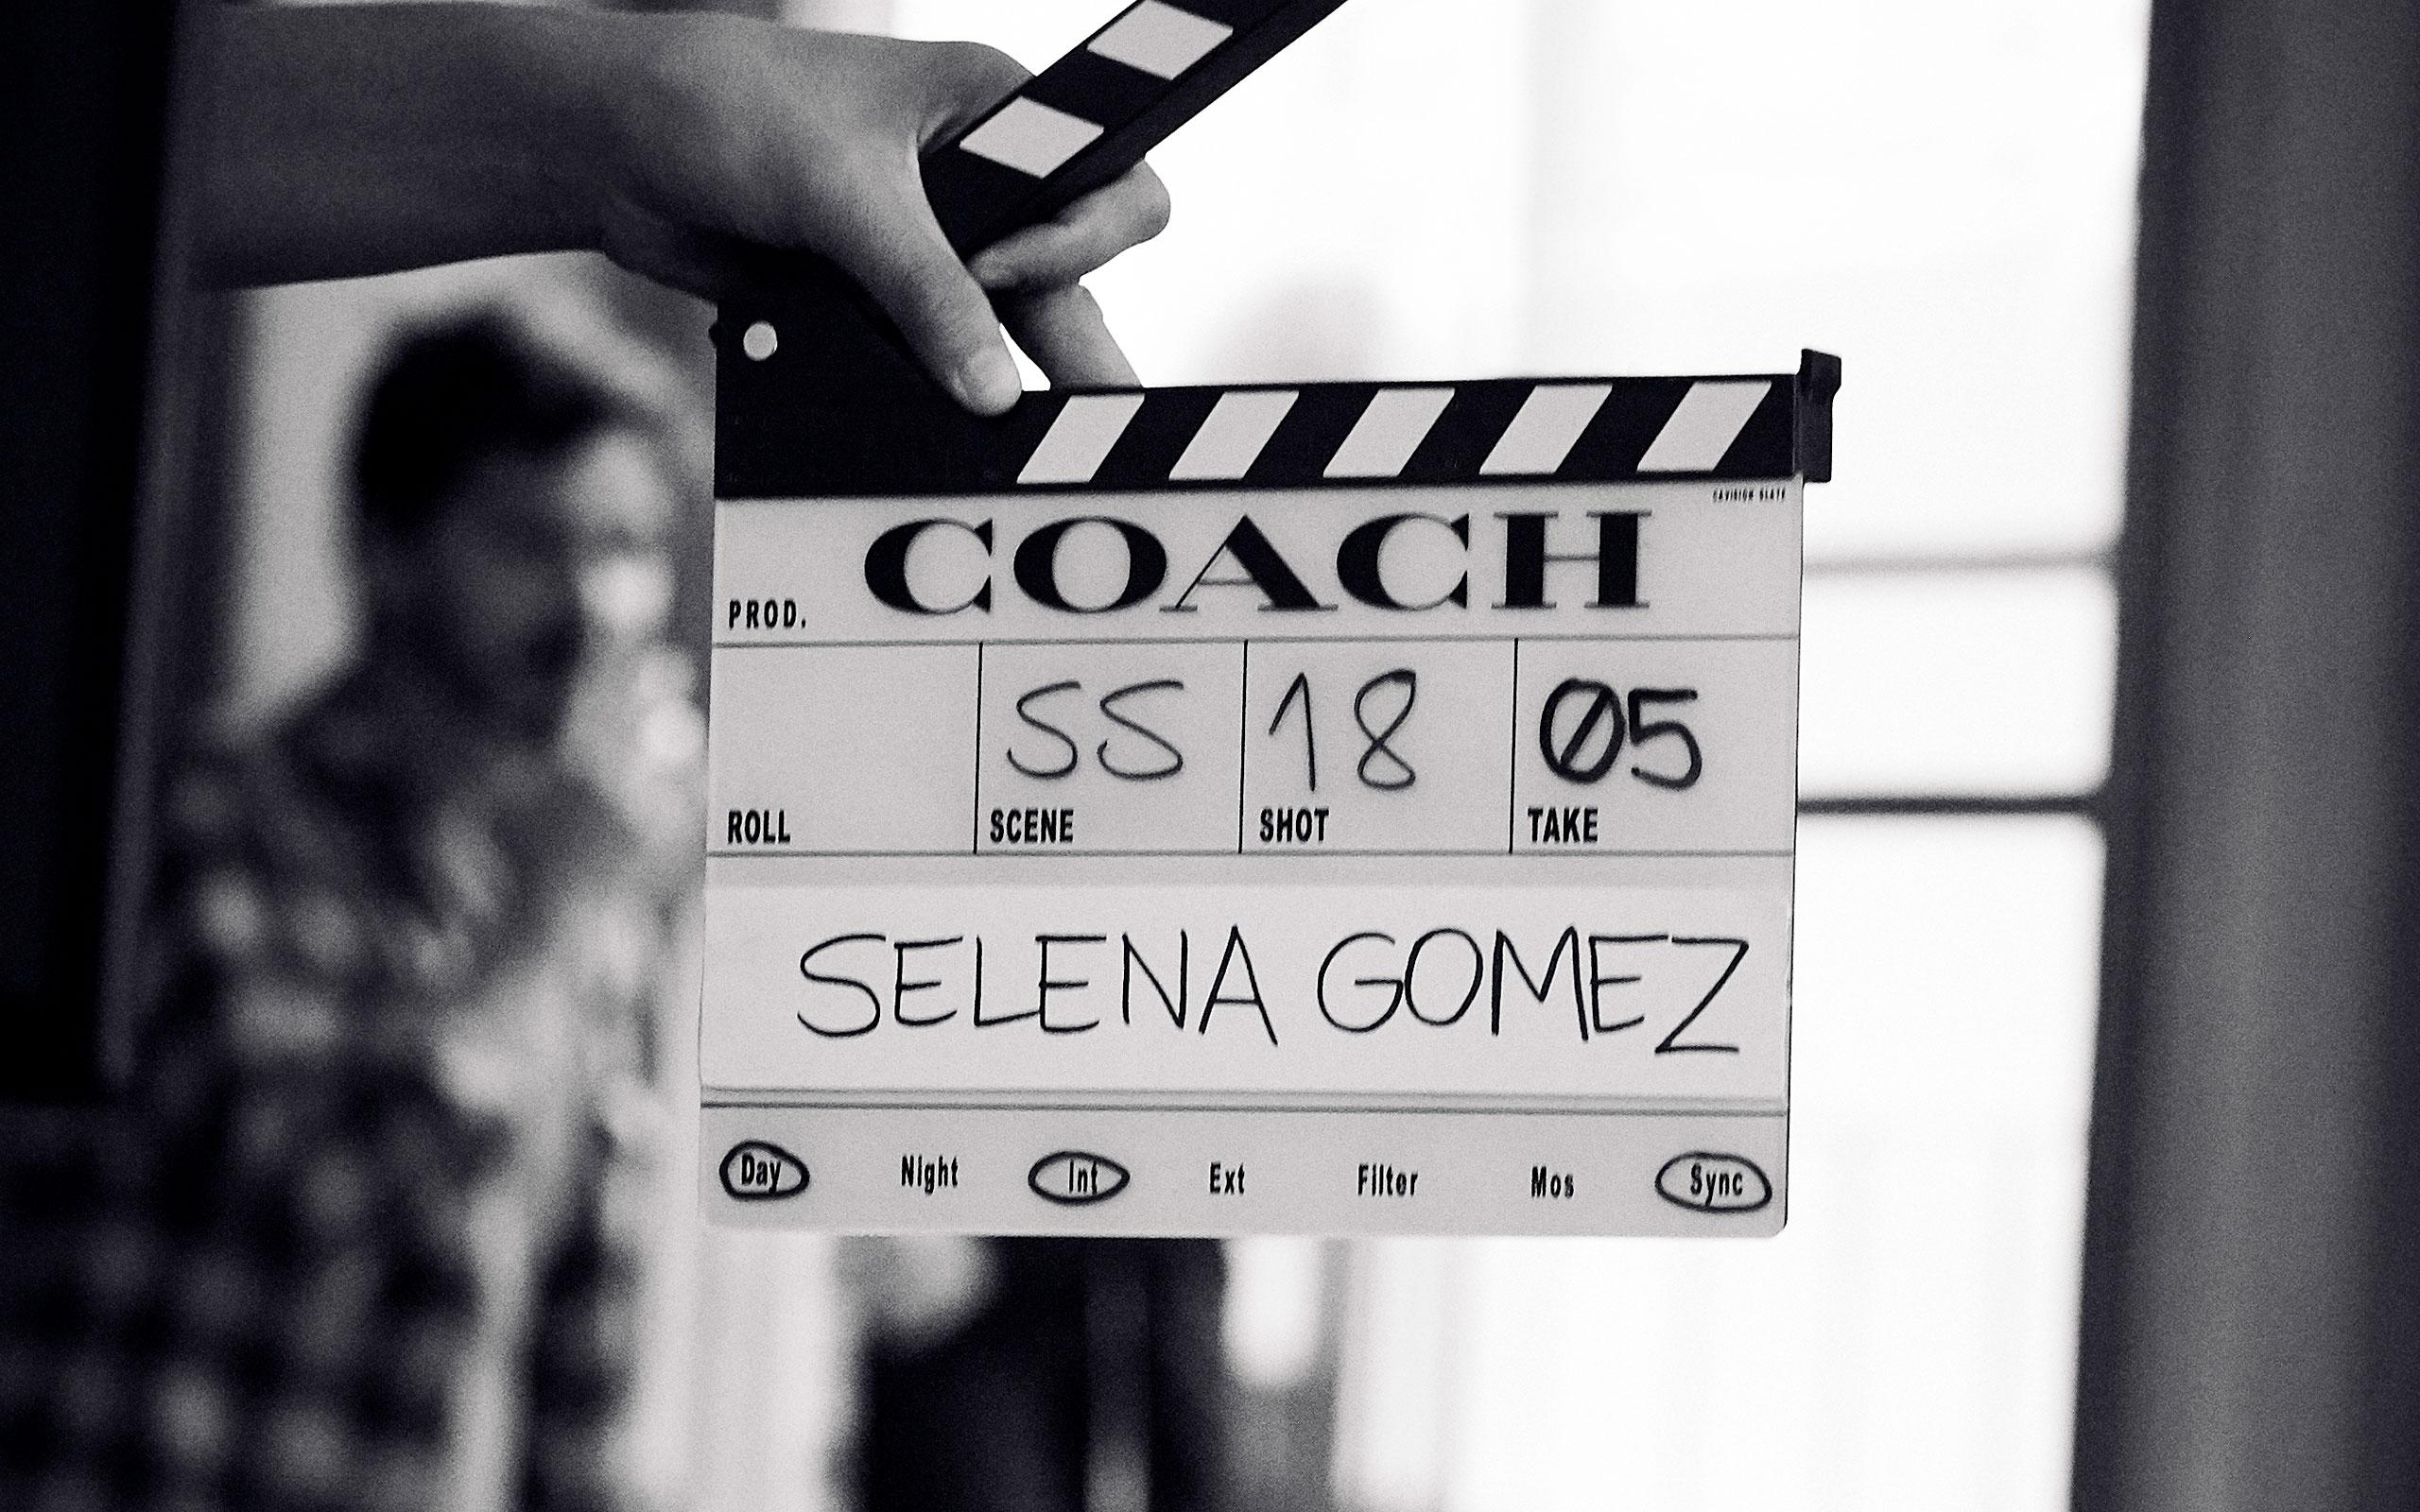 ©︎ Coach